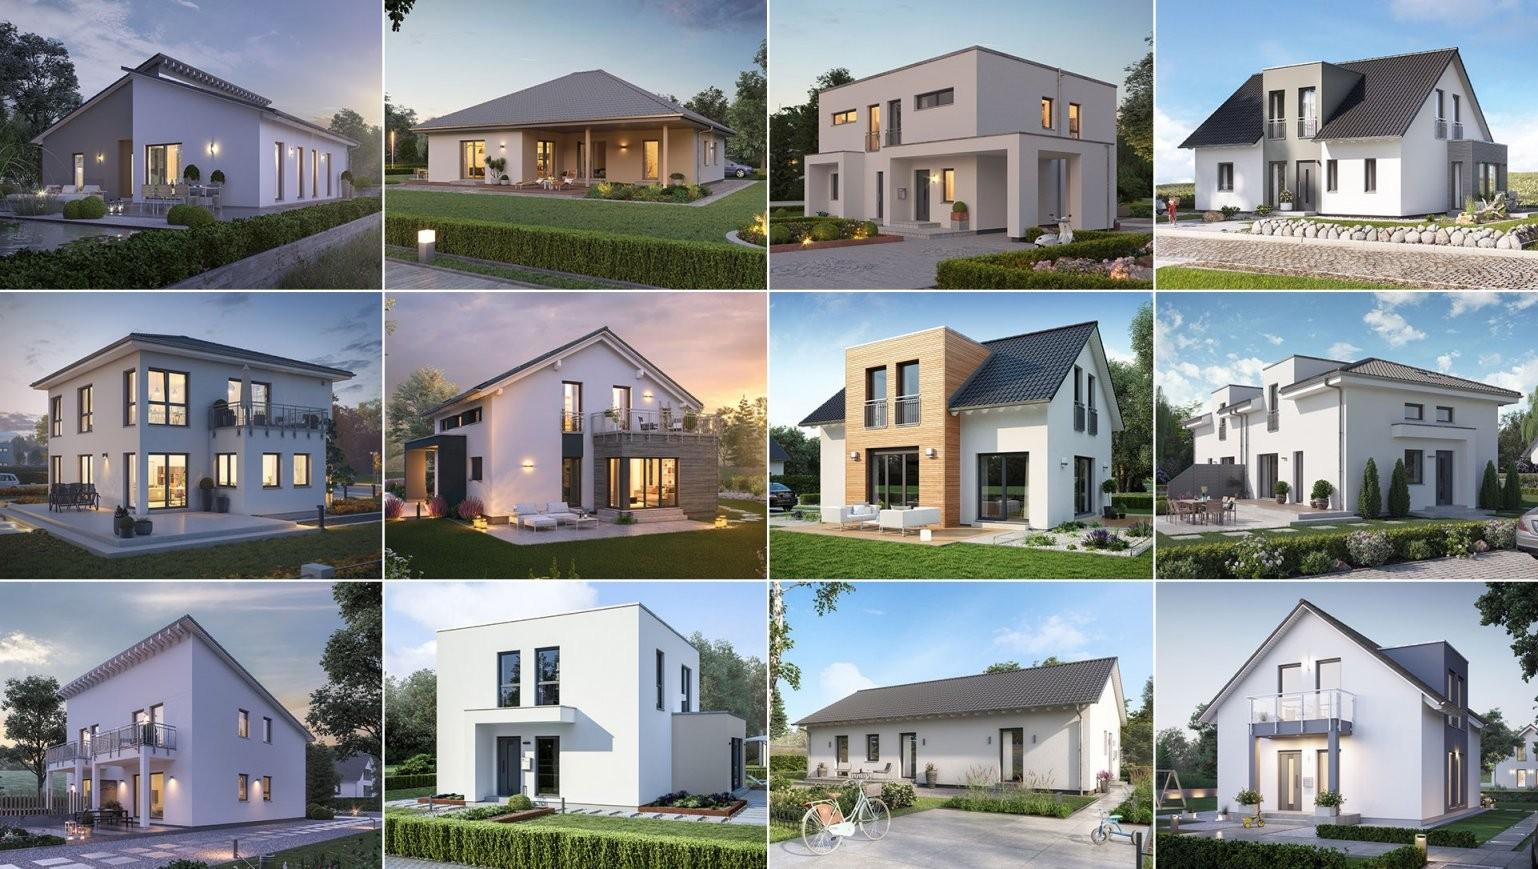 Fertighaus Bauen Mit Massa Haus  Ihr Traumhaus Schon Ab 79999 € von Haus Komplett Selber Bauen Photo